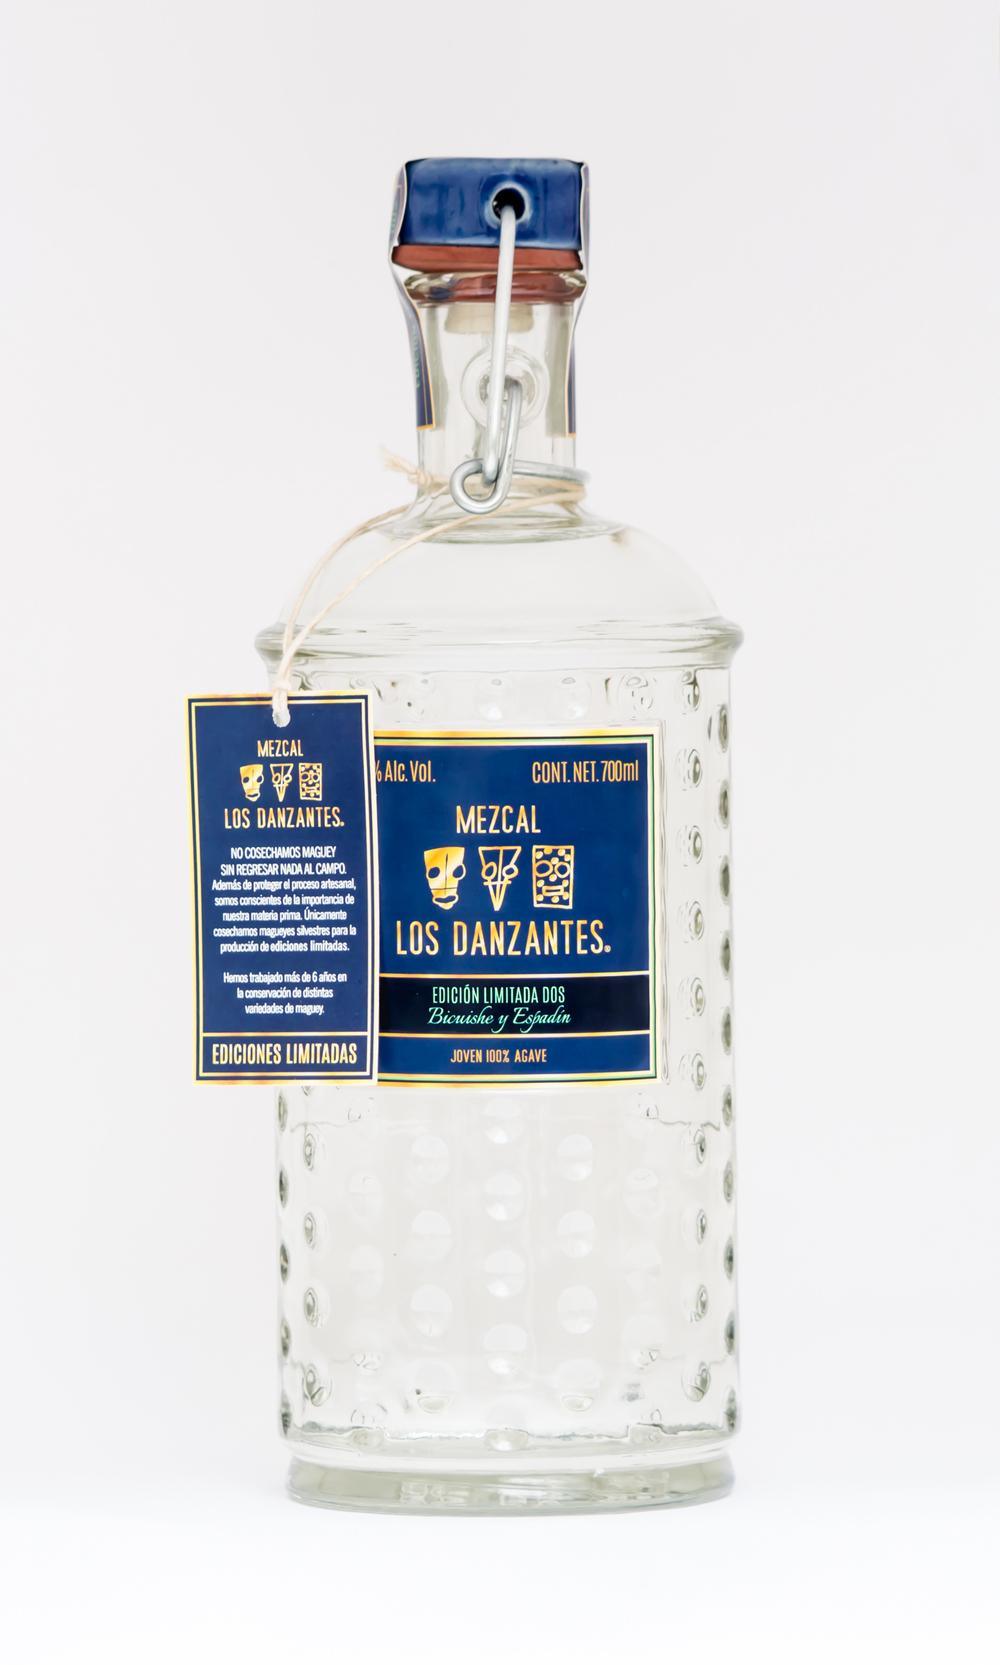 Mezcal Los Danzantes Joven Edición Limitada No. 1 Total del litros producidos. 498 lt. % ALC. VOL.: 47.3  La Edición Limitada No. 1, está elaborada con tres variedades distintas de maguey: 53% de maguey Tobalá (a. Potatorum. Zucc) cosechado en la colindacia entre San Pedro Quiatoni y San Luis del Rio, Oax. 33% de maguey Espadín (a. Angustifolia. Haw) cosechado en Santa Cruz Papalutla, Oaxaca y 14% de maguey Cuishe (A. Karwinsky). cosechado en los alrededores de Santiago Matatlán, Oaxaca.